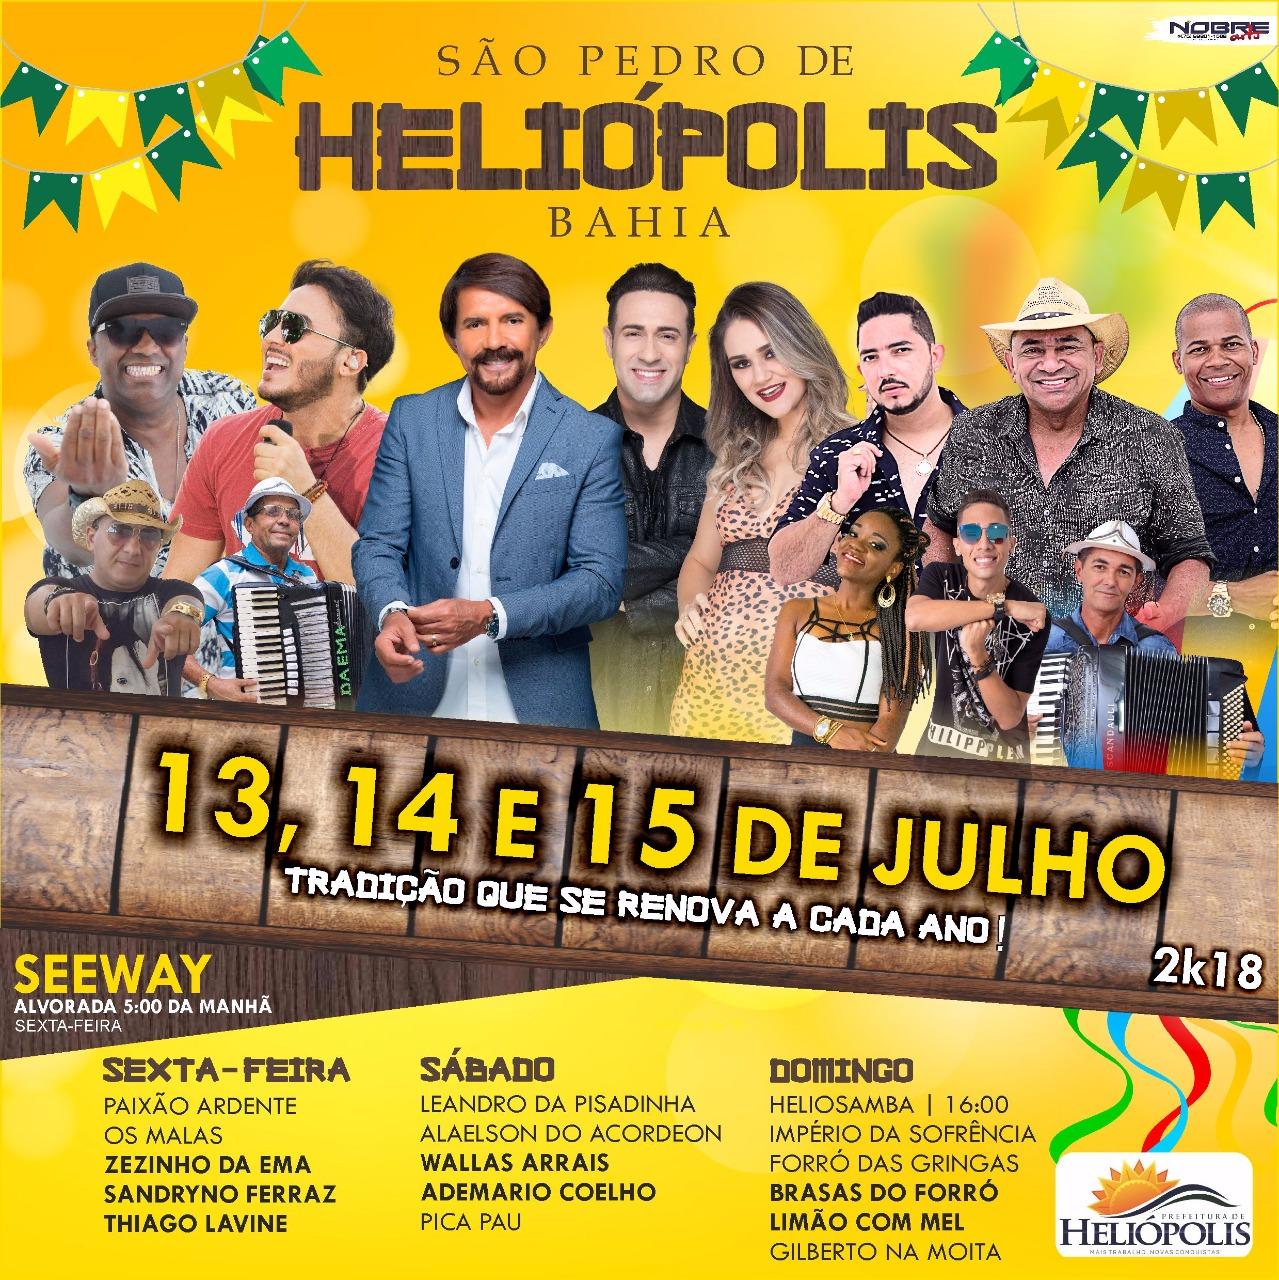 FESTA DO SÃO PEDRO DE HELIÓPOLIS BAHIA